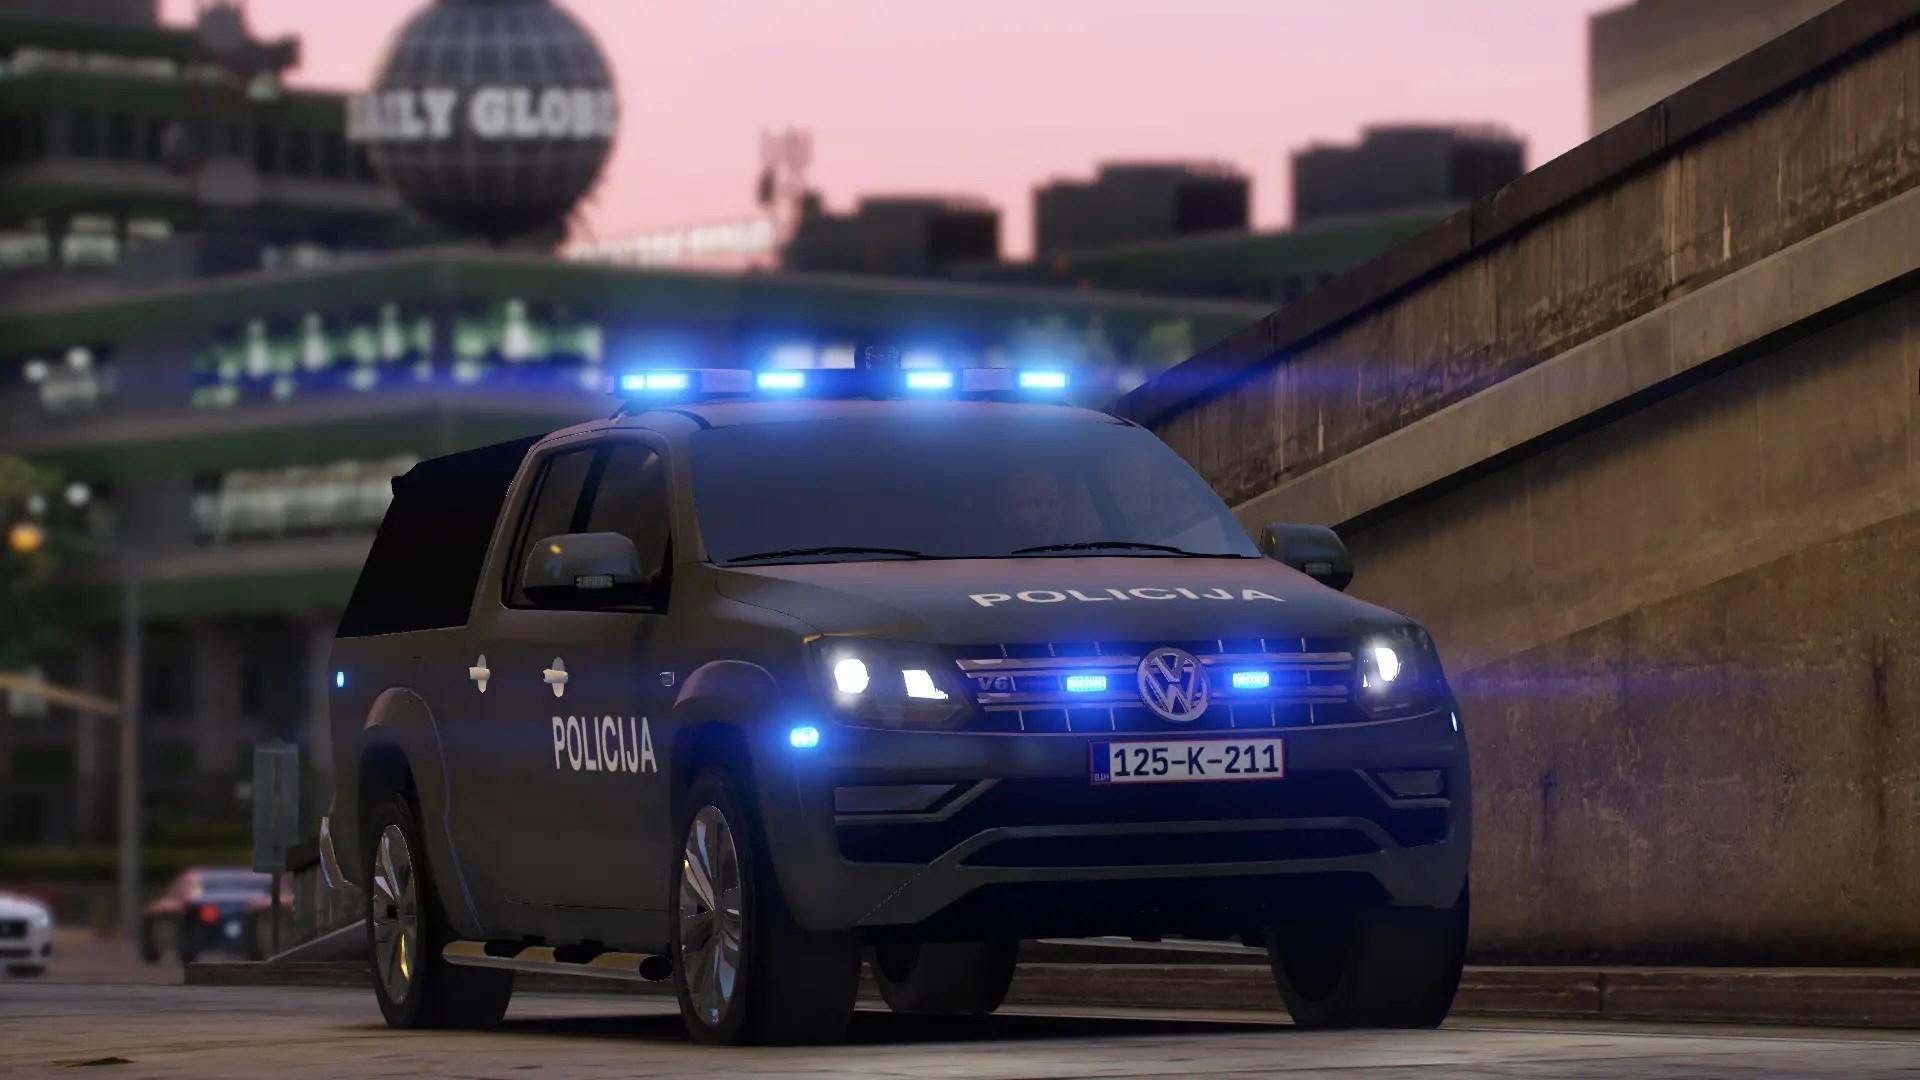 Download Volkswagen Amarok Police Mod for GTA V, , Gaming News, Gaming Update, gta Mods, gta V, gta V Mods, SGCArena